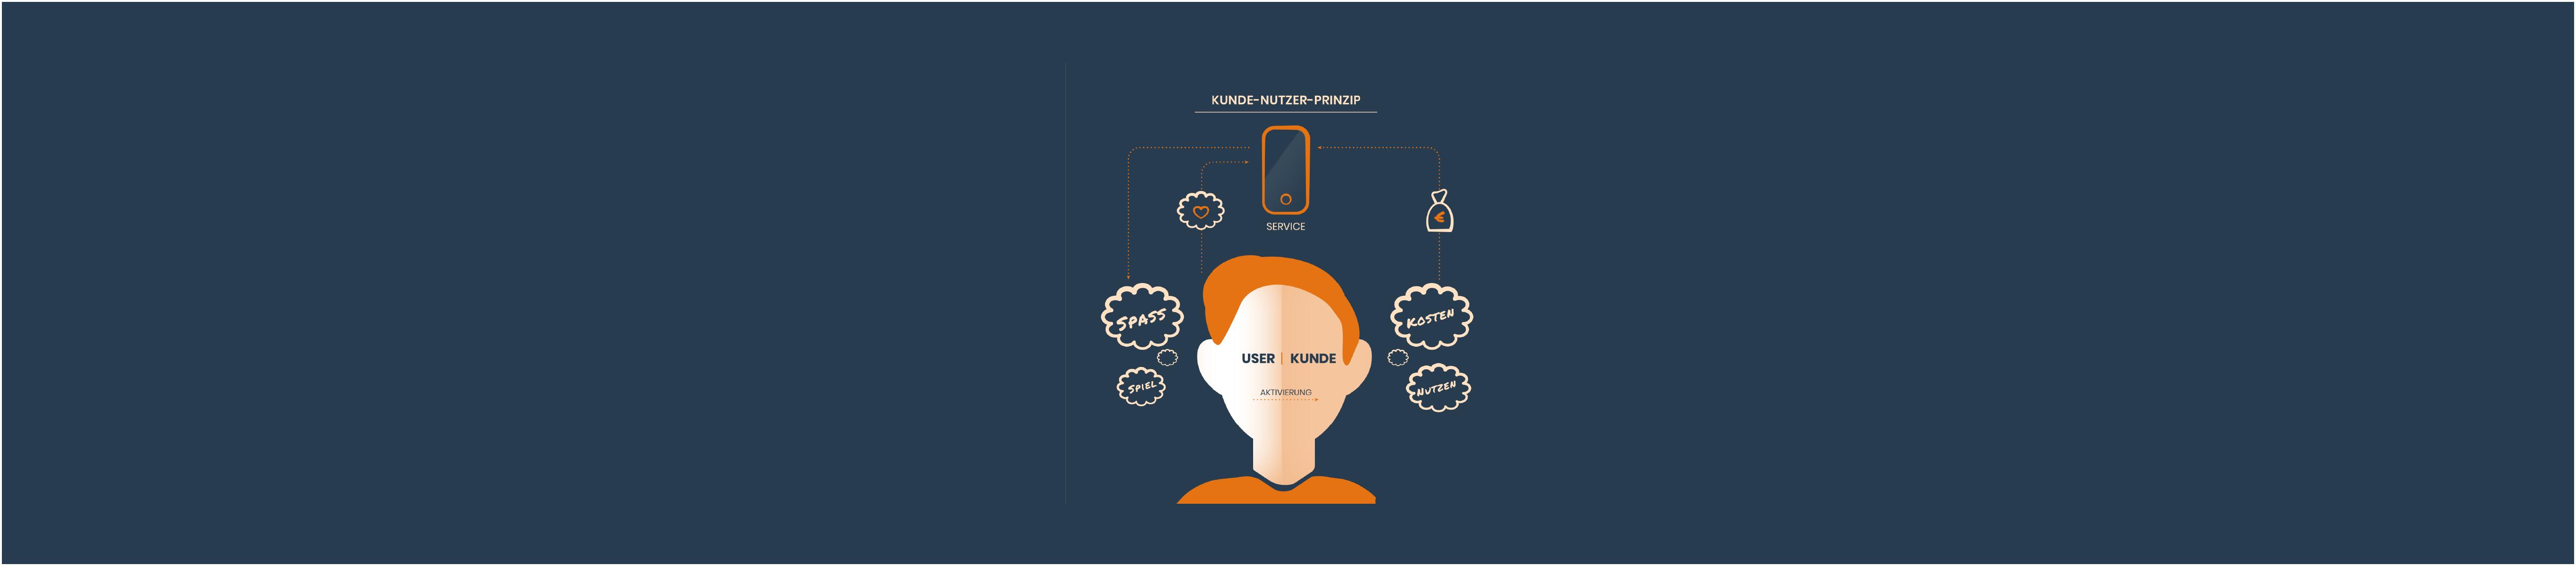 Warum es hilft zwischen Kunden und Nutzern zu unterscheiden – Nuance 01 – Kunde vs. Nutzer – Artikel